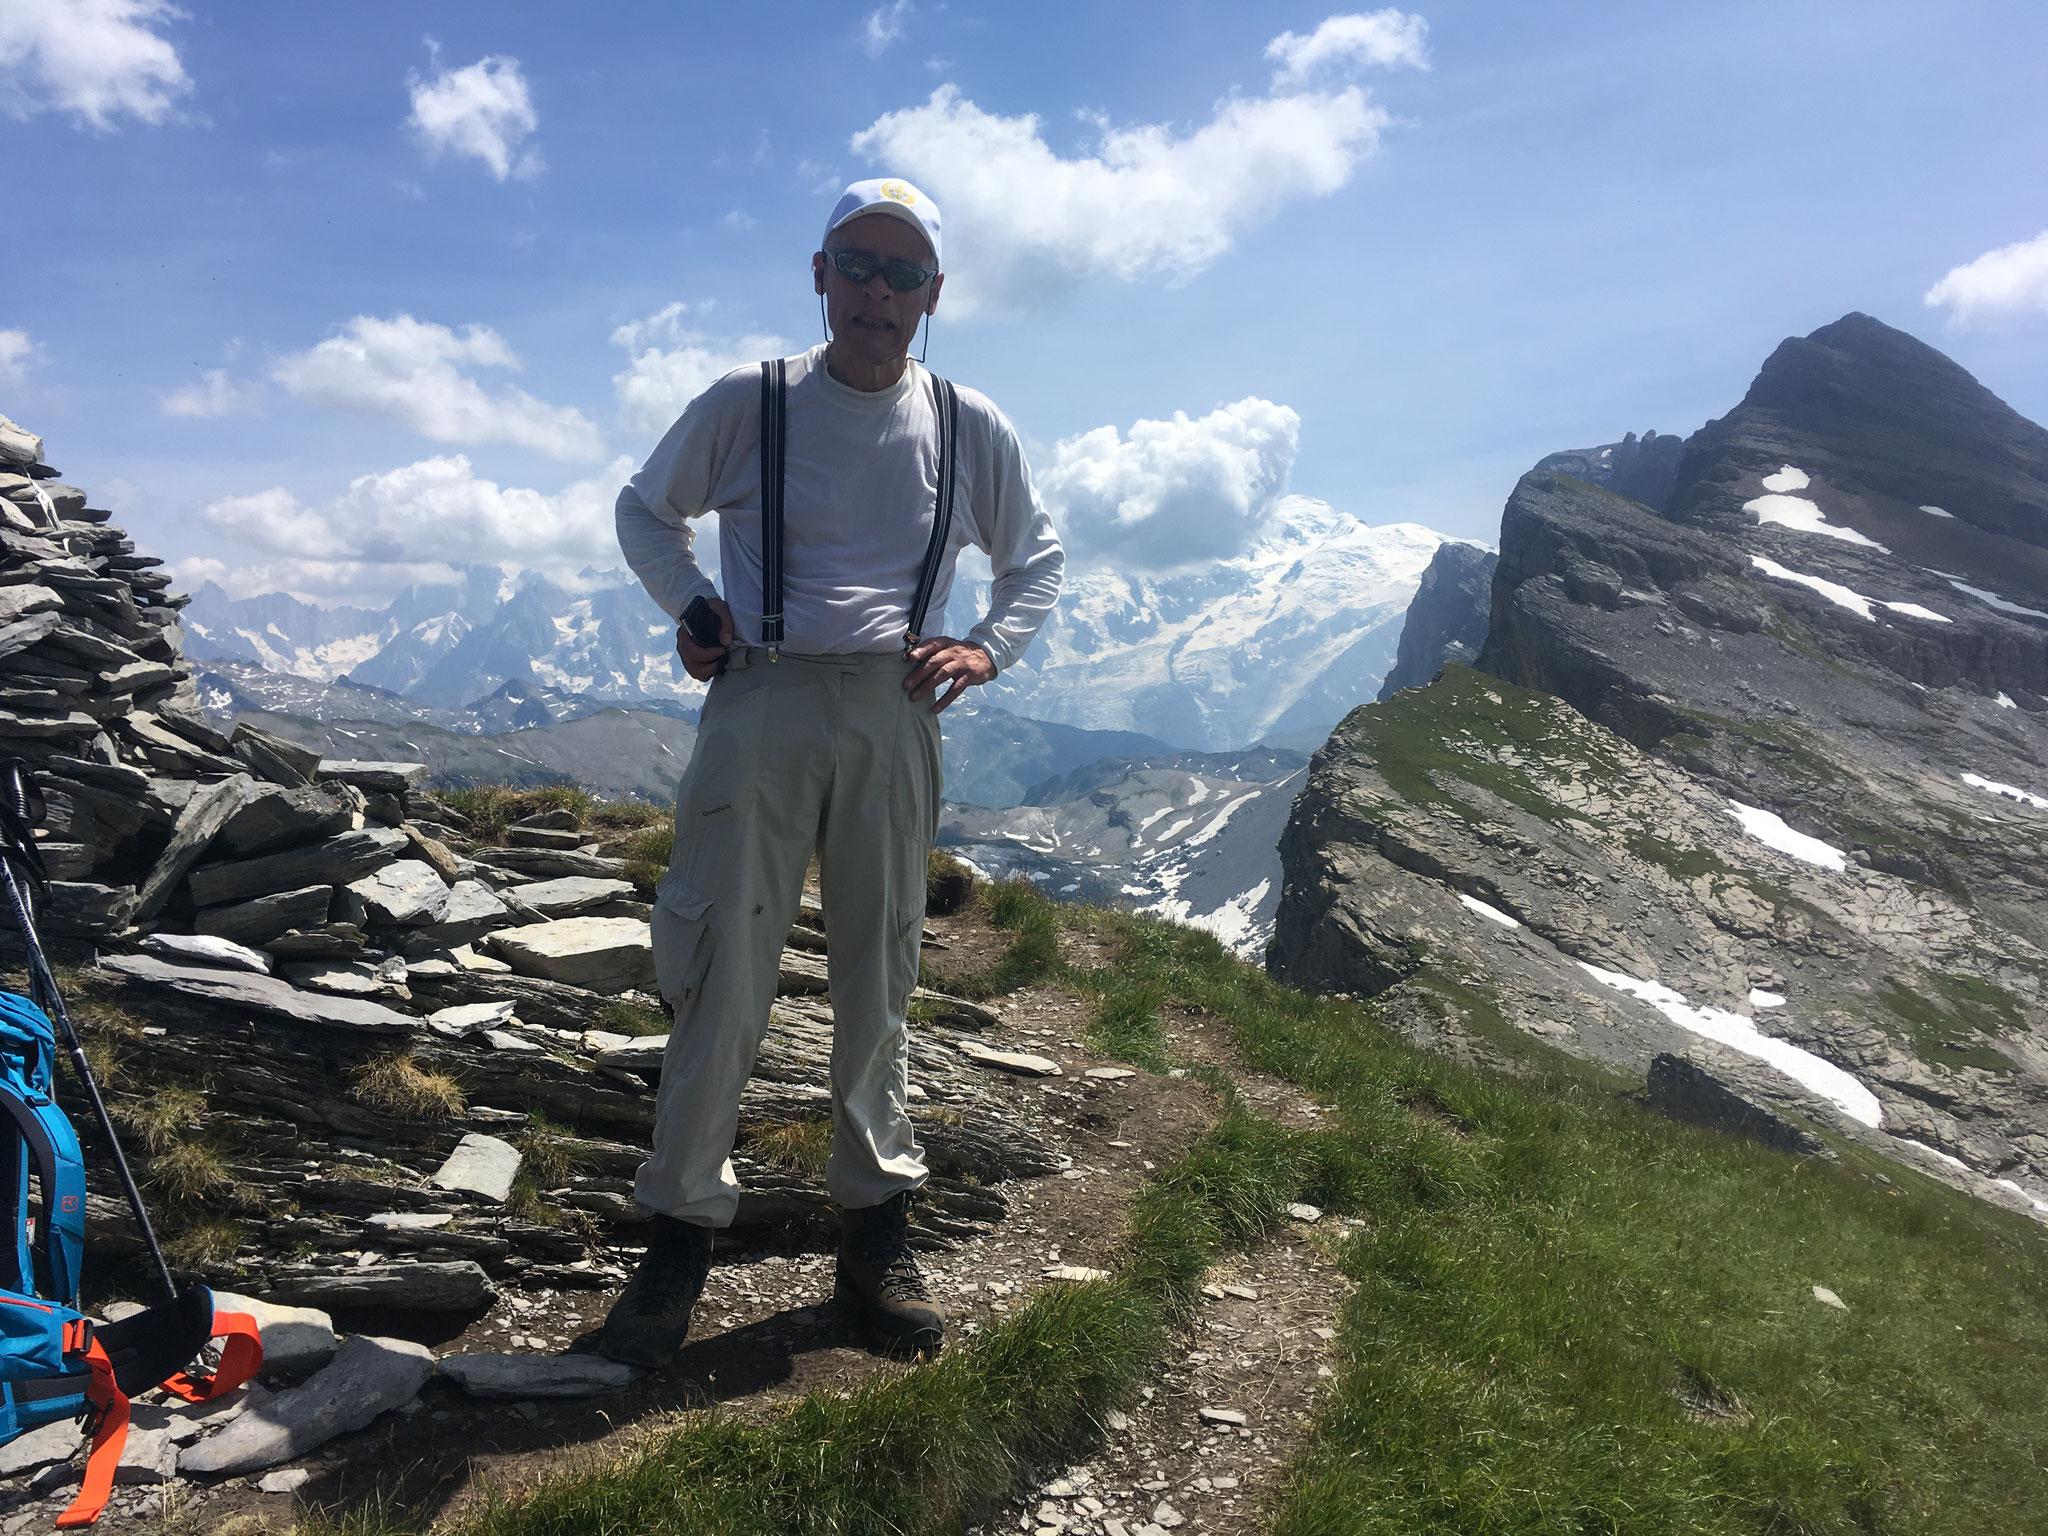 Sommet pour Renzo avec vue Mt-Blanc